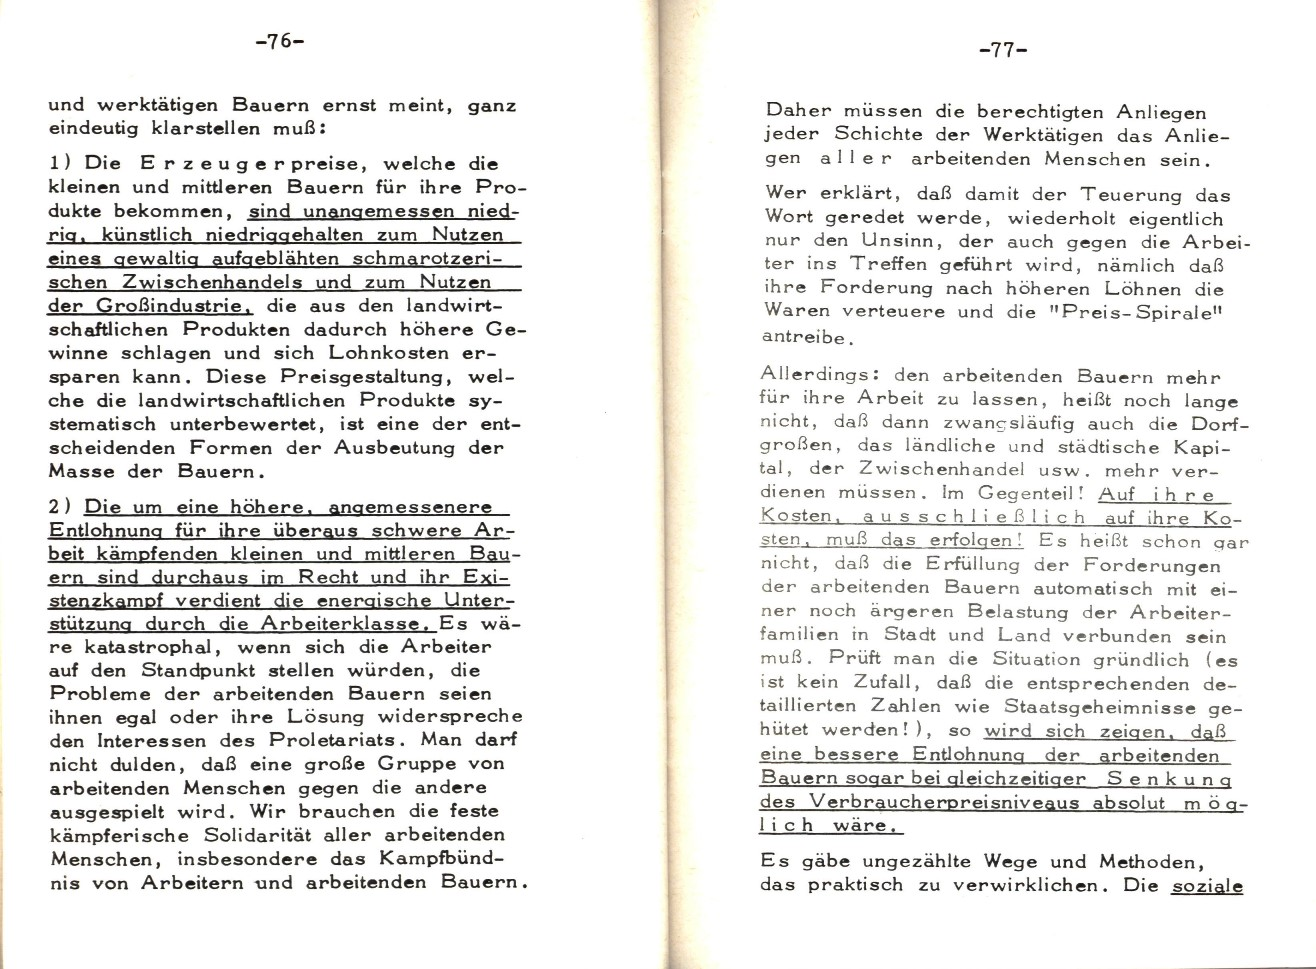 MLSK_Theorie_und_Praxis_des_ML_1978_23_42